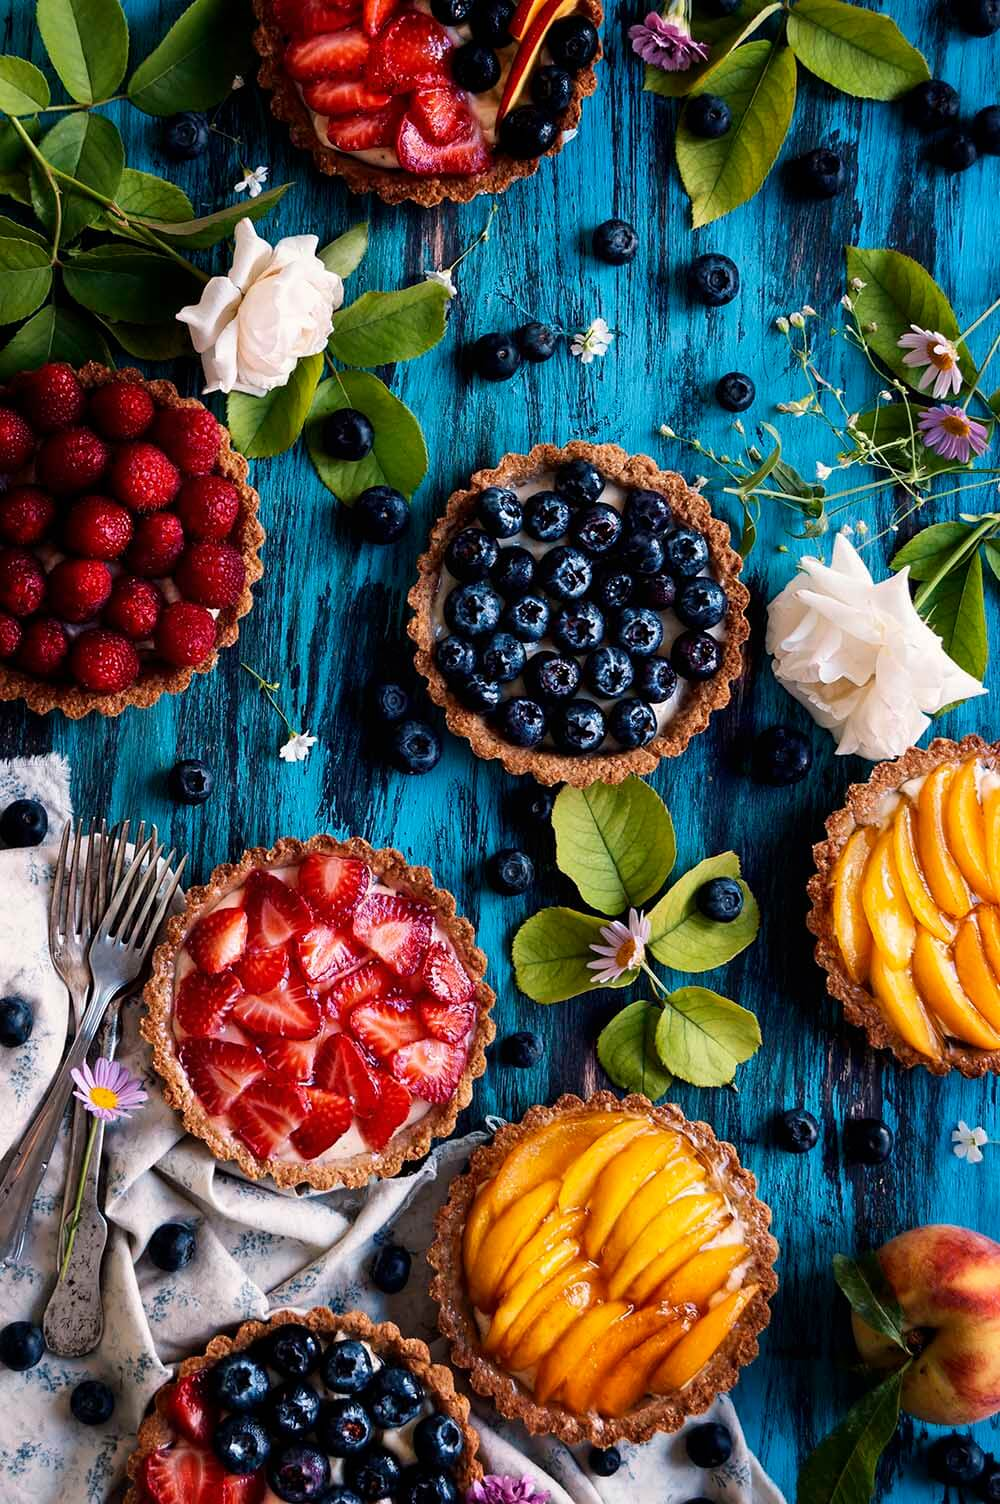 tartaleta de frutas de verano